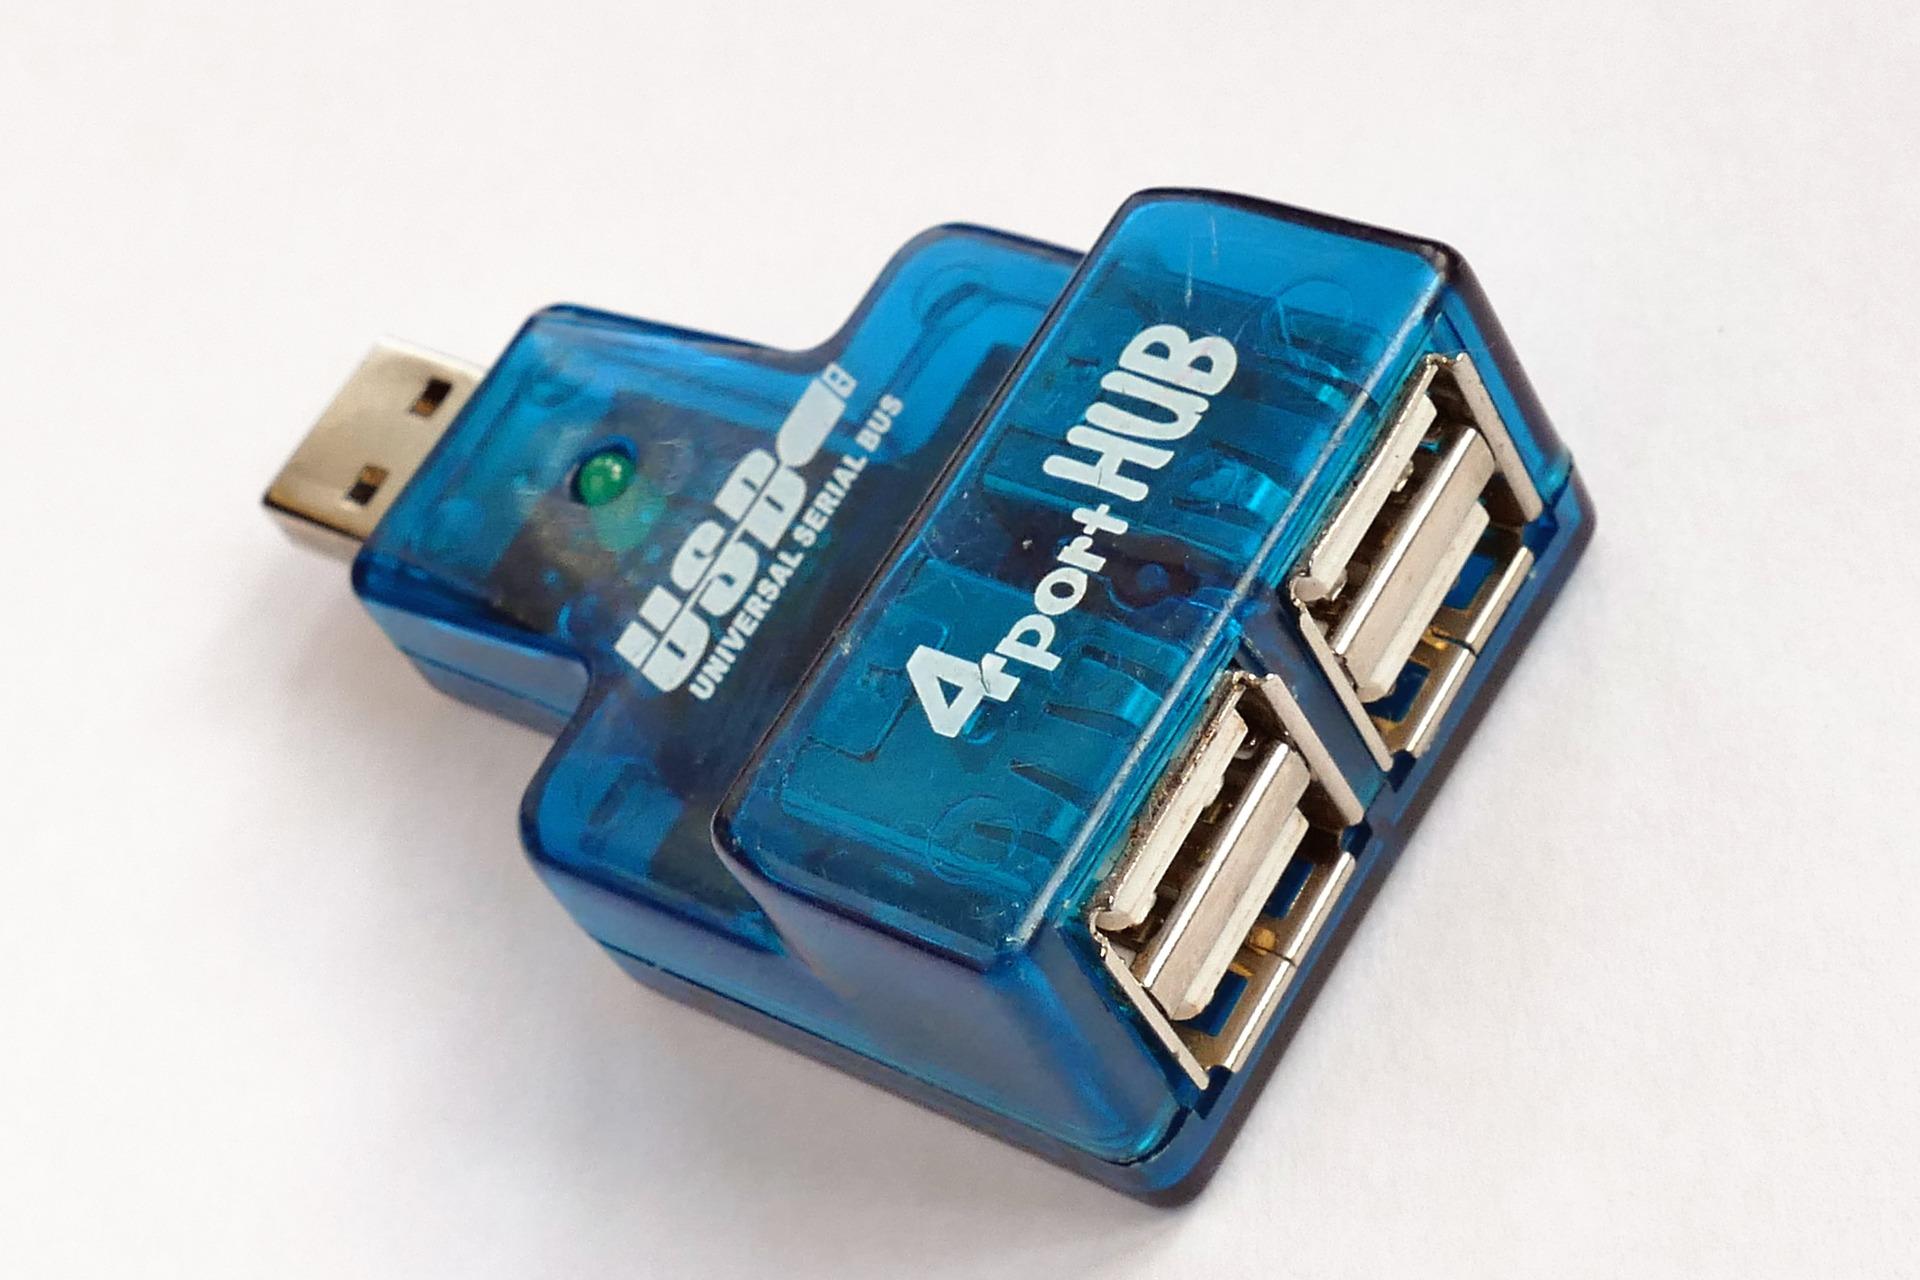 Imagem mostra um hub USB com quatro portas.